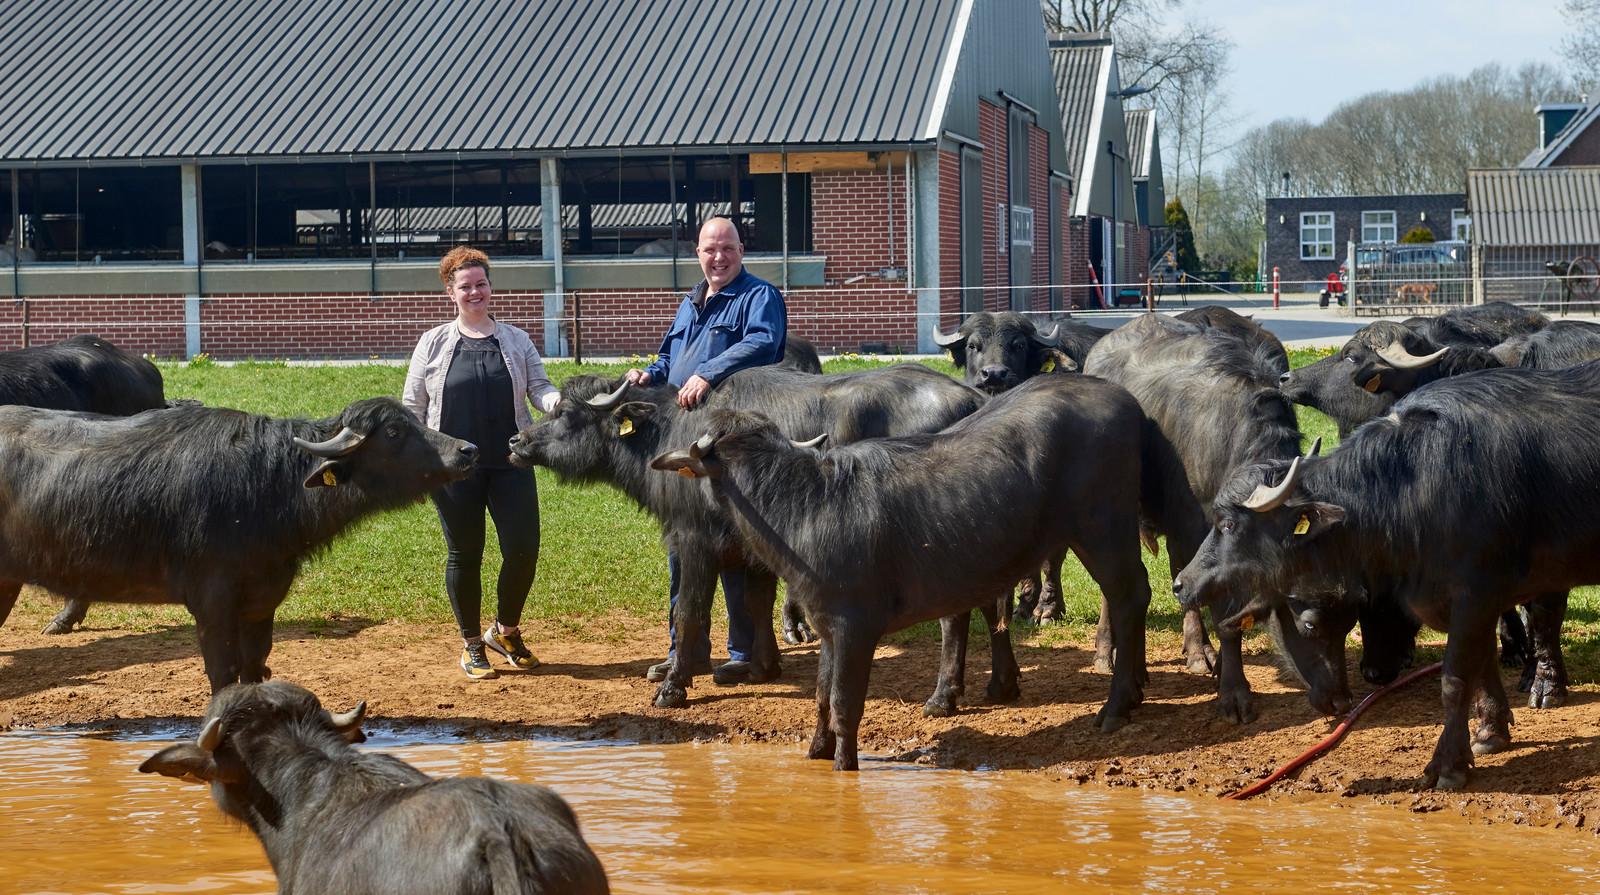 Jan en Lian van den Hurk bij hun waterbuffels. Op de achtergrond de melkveestal.